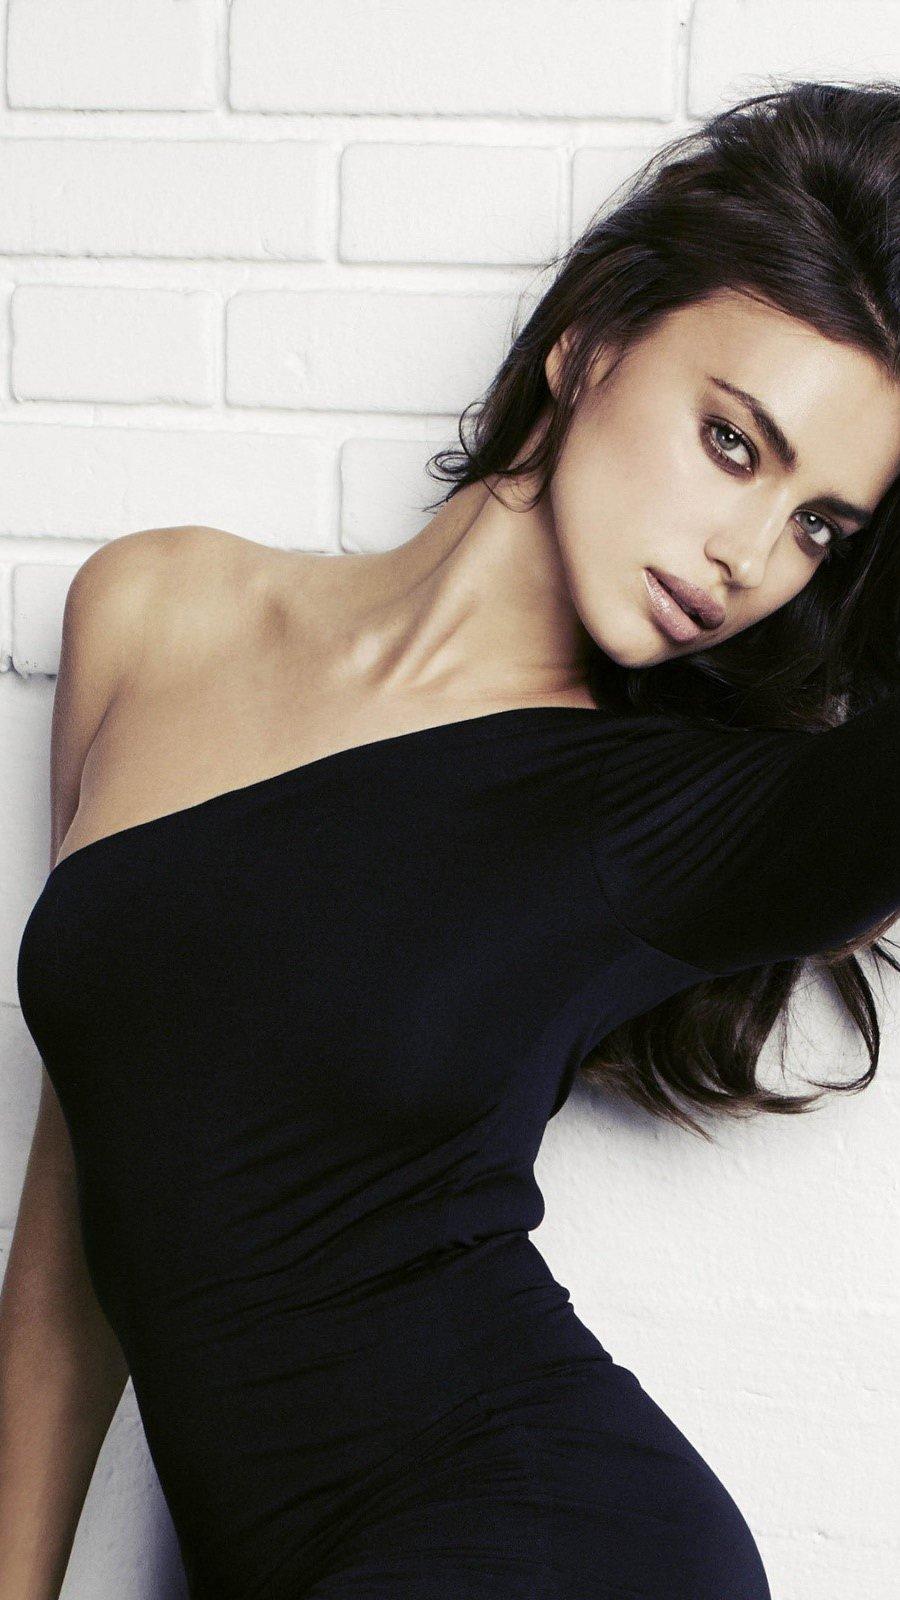 Fondos de pantalla Irina Shayk en vestido negro Vertical